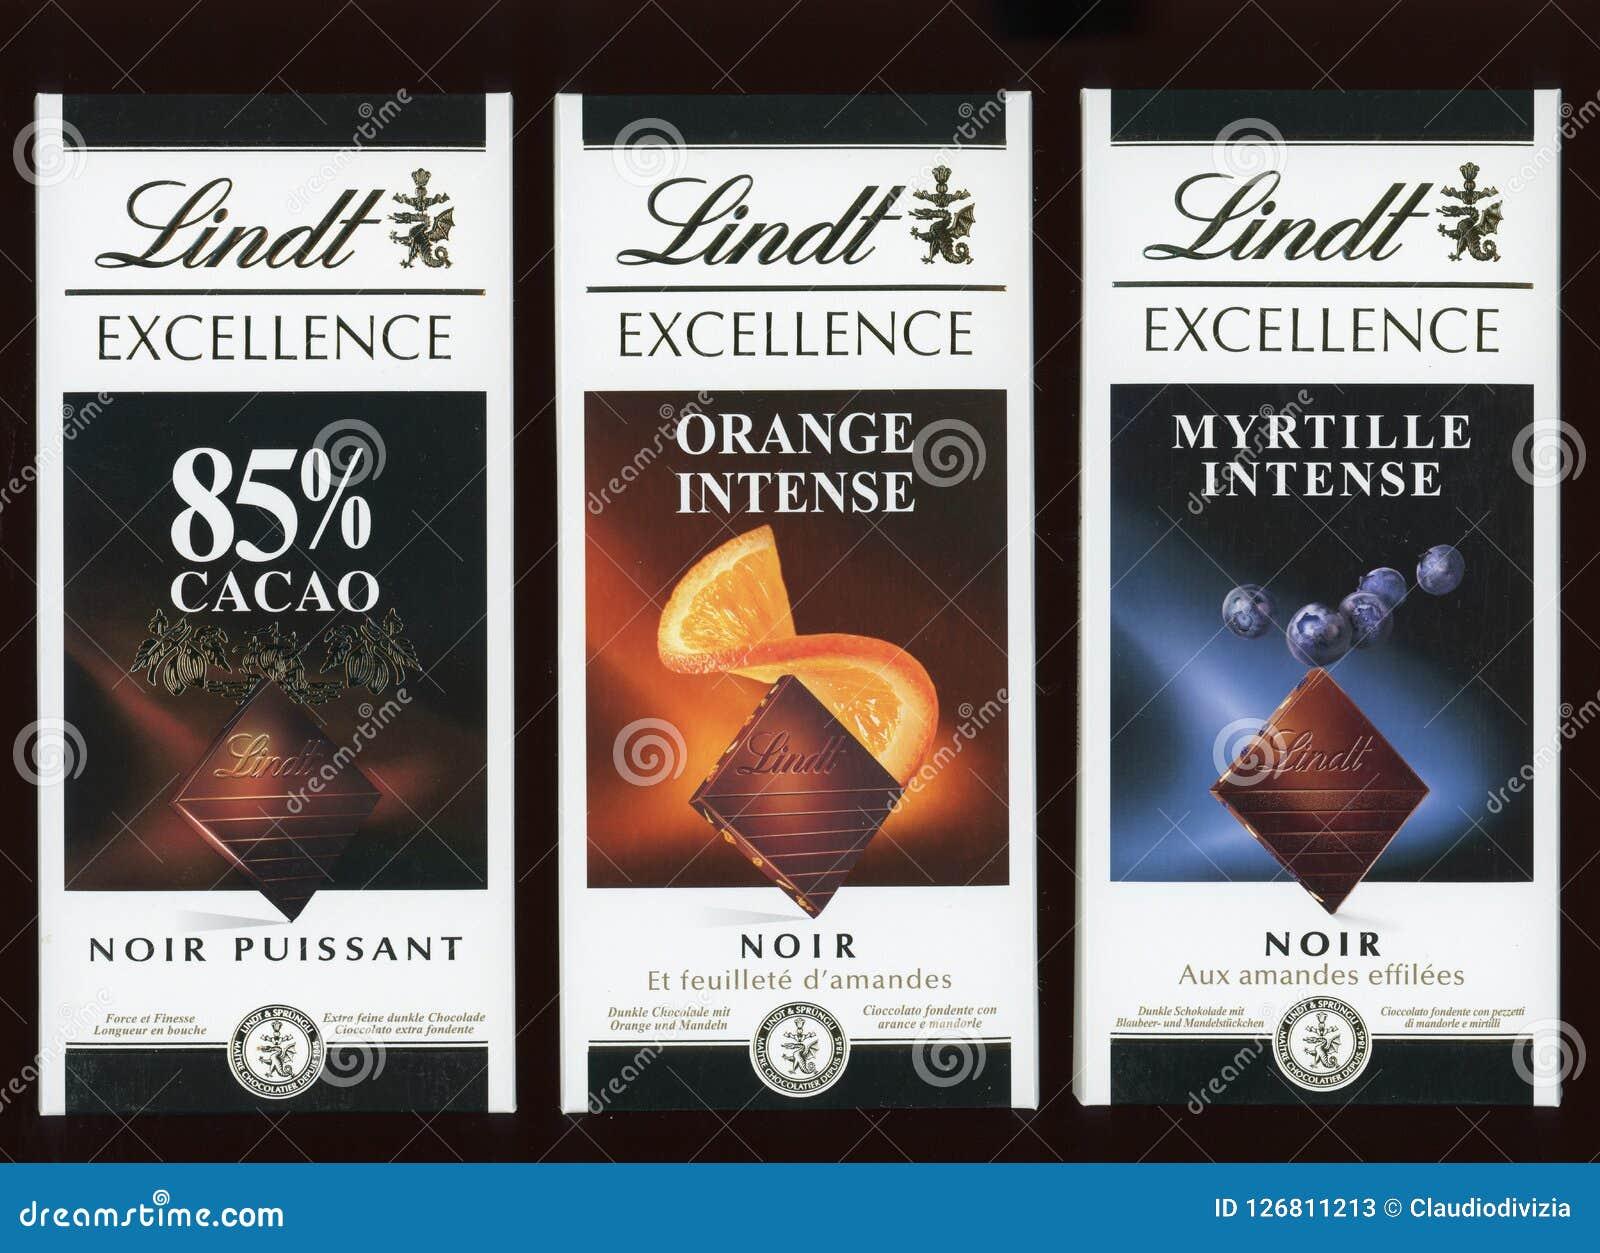 Cioccolato fondente di Lindt